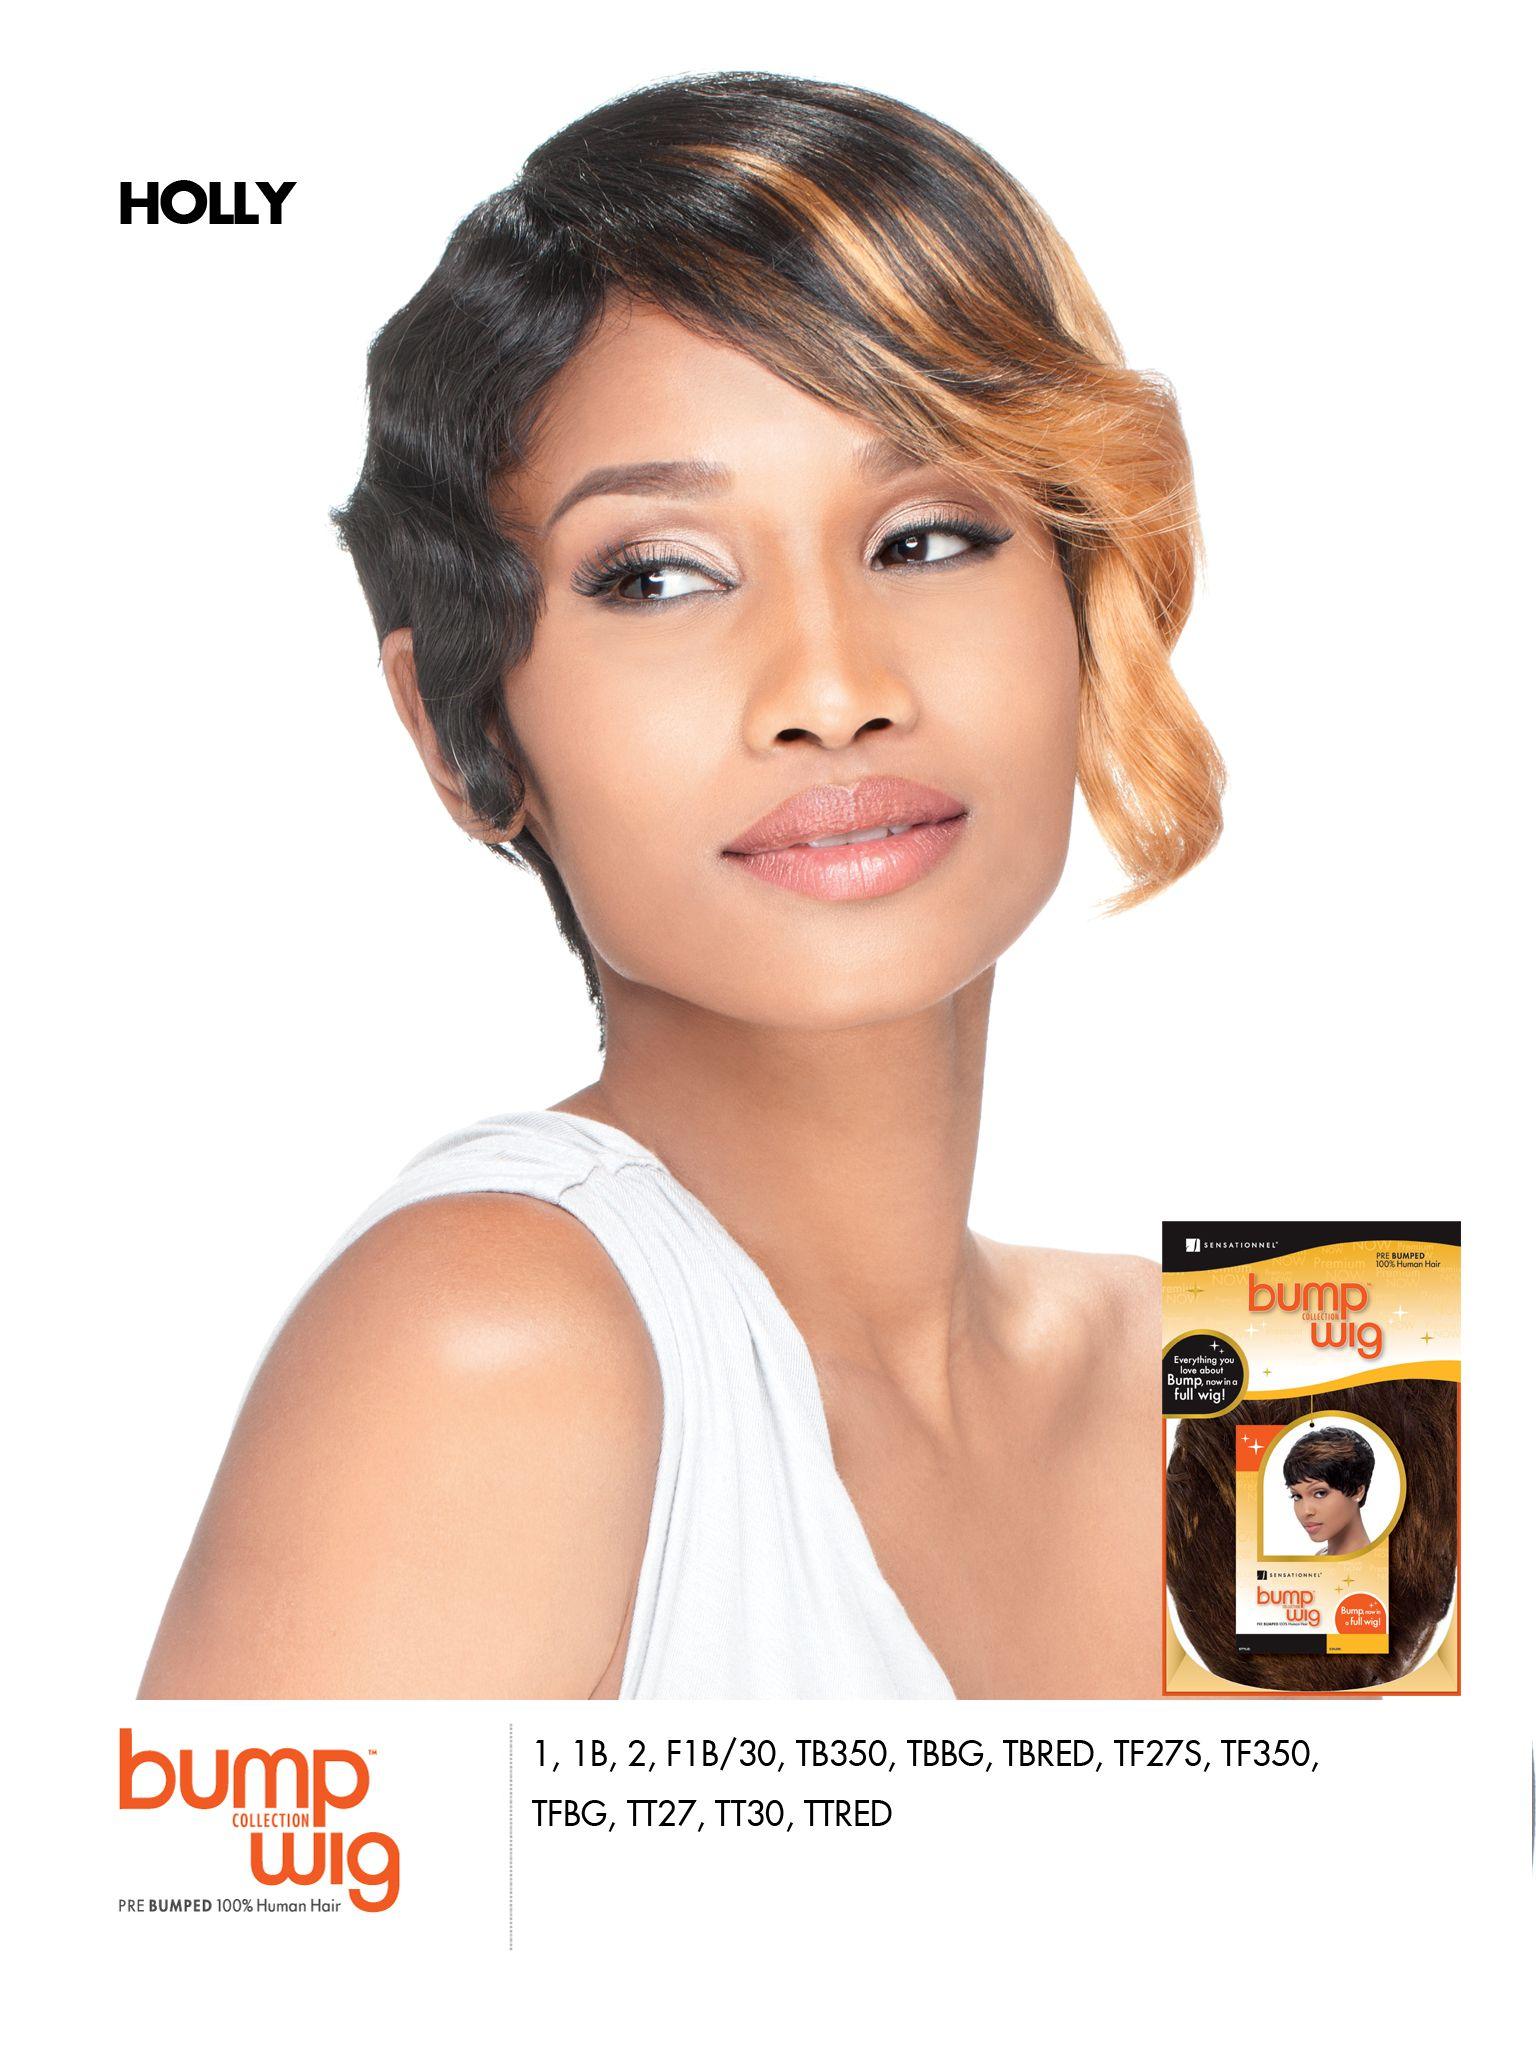 Pin By Renee Bhagwandeen On Renee Bhagwandeen Pinterest Bump And Wig